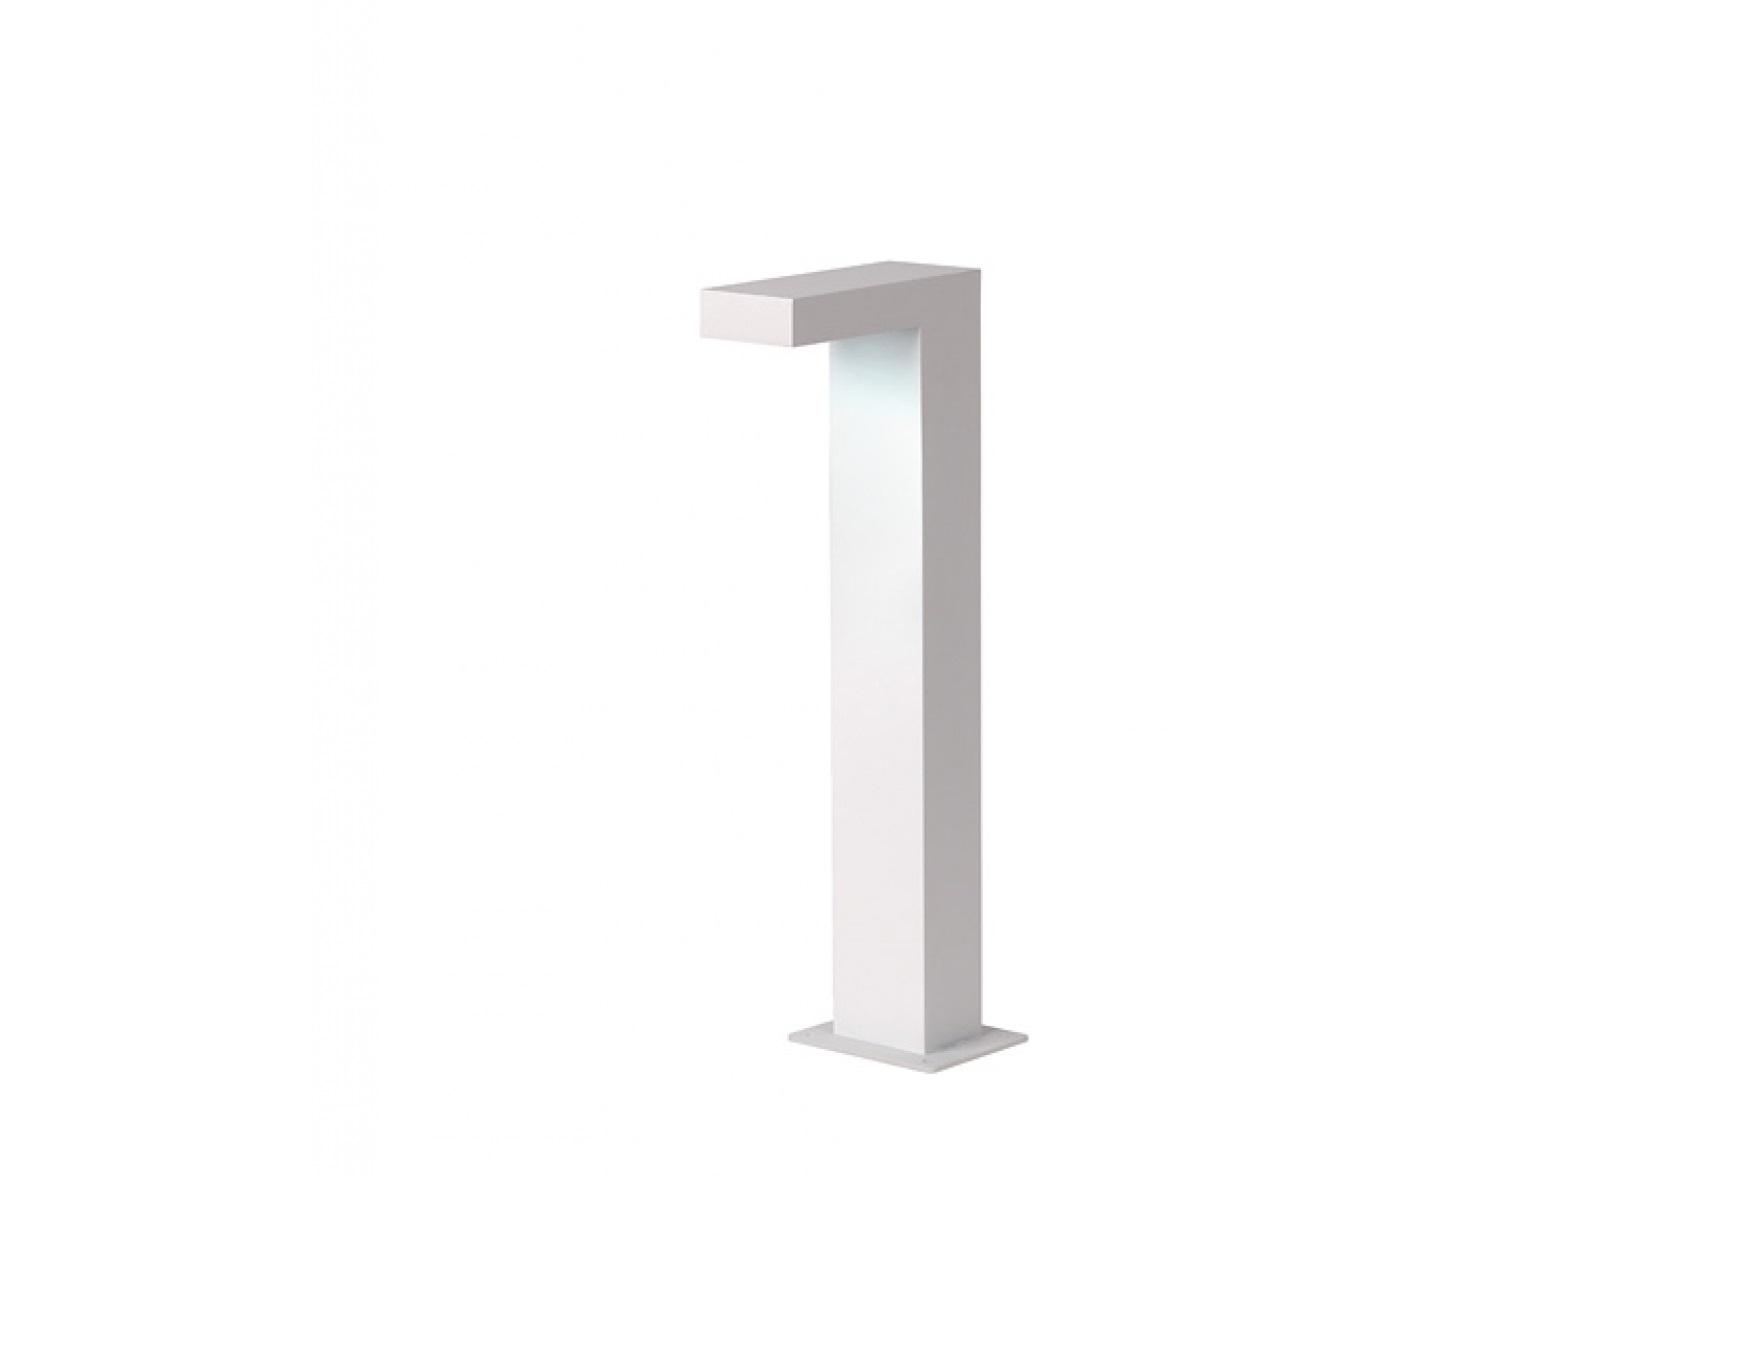 Столб TEXASУличные наземные светильники<br>&amp;lt;span style=&amp;quot;line-height: 24.9999px;&amp;quot;&amp;gt;Цоколь LED,&amp;amp;nbsp;&amp;lt;/span&amp;gt;&amp;lt;div style=&amp;quot;line-height: 24.9999px;&amp;quot;&amp;gt;Мощность 6W,&amp;amp;nbsp;&amp;lt;/div&amp;gt;&amp;lt;div style=&amp;quot;line-height: 24.9999px;&amp;quot;&amp;gt;Количество 1 лампочка (в комплекте)&amp;lt;/div&amp;gt;<br><br>Material: Металл<br>Ширина см: 6.0<br>Высота см: 40.0<br>Глубина см: 17.0